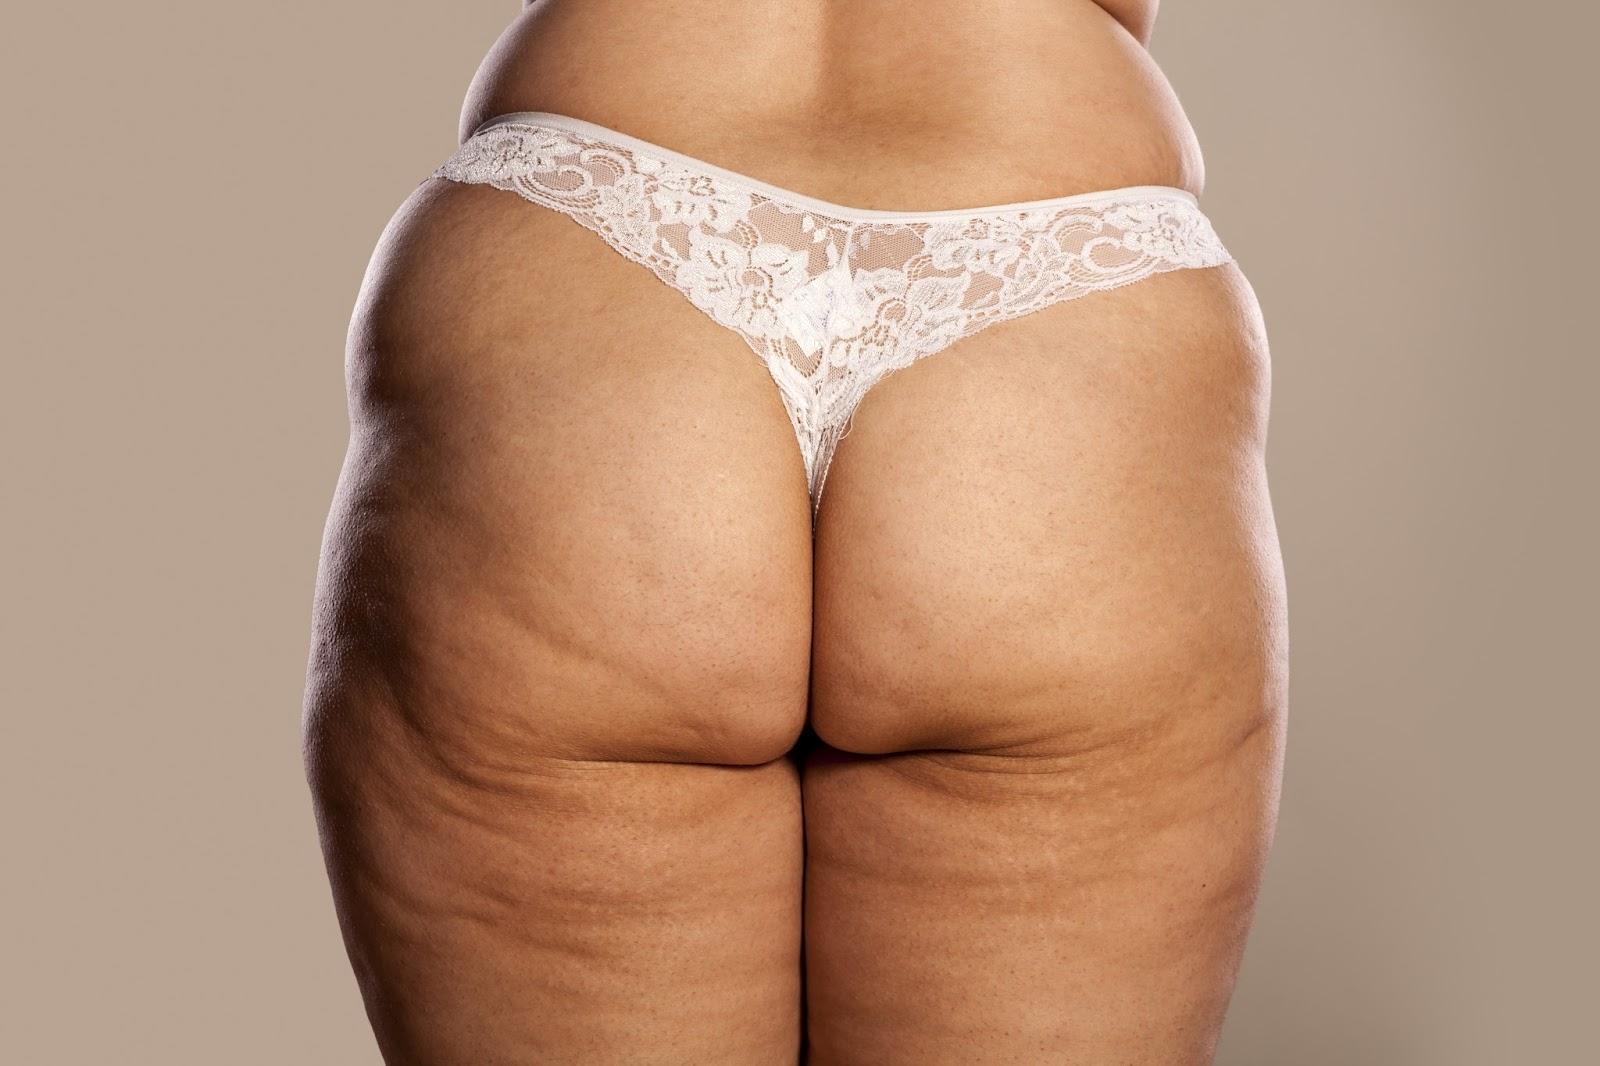 Толстые девки раком фото, Фото задниц толстушек стоящих раком Частные порно 2 фотография